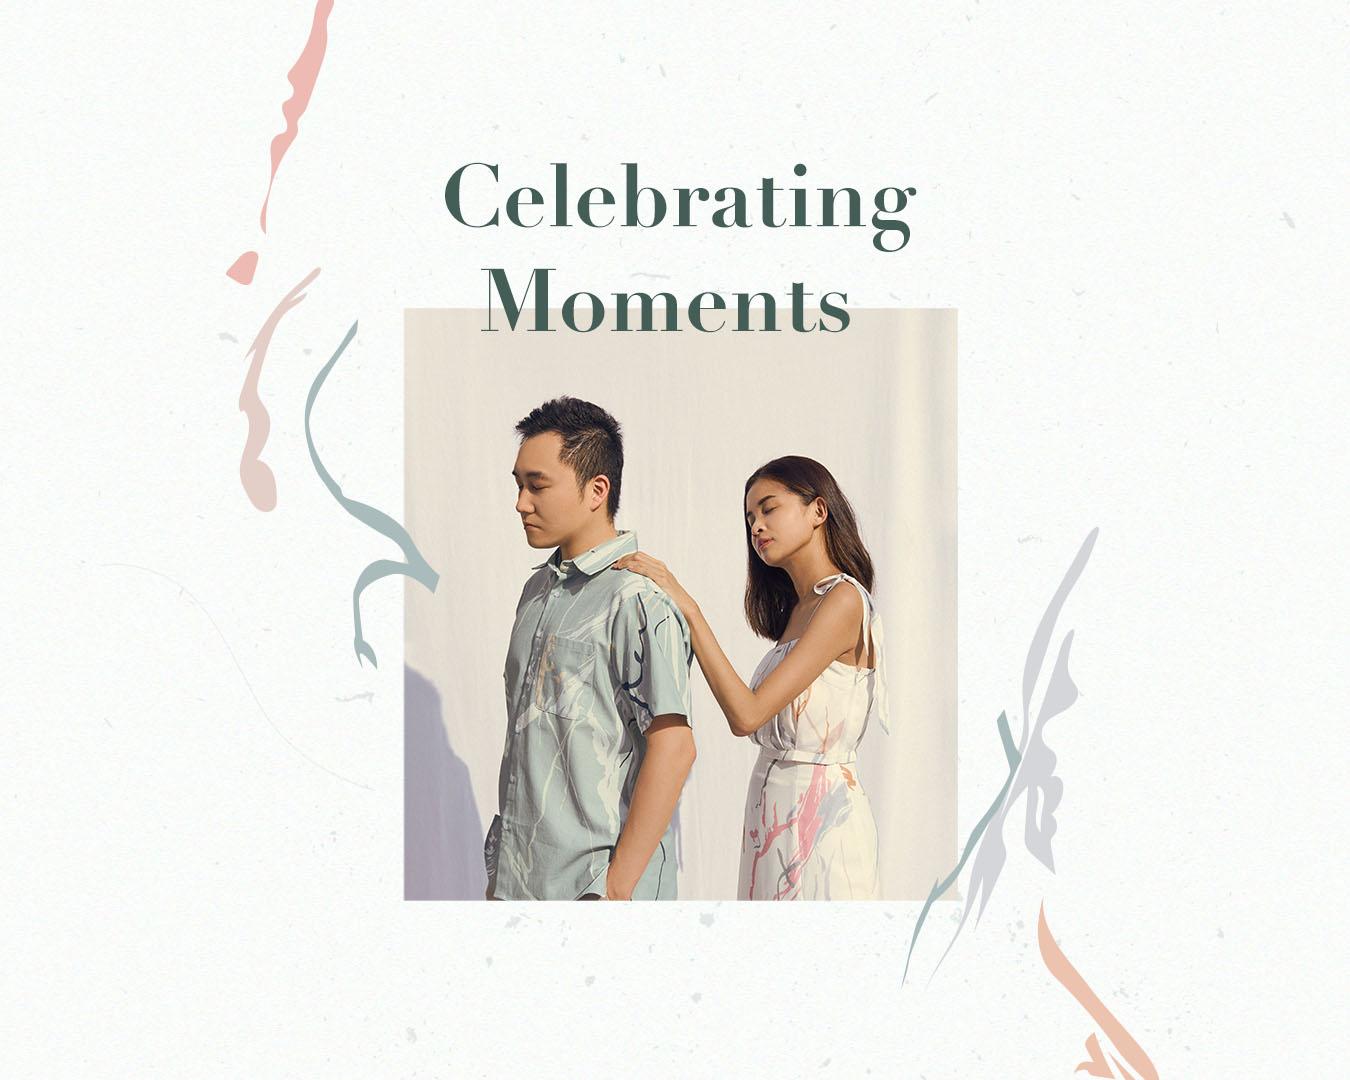 Celebrating Moments